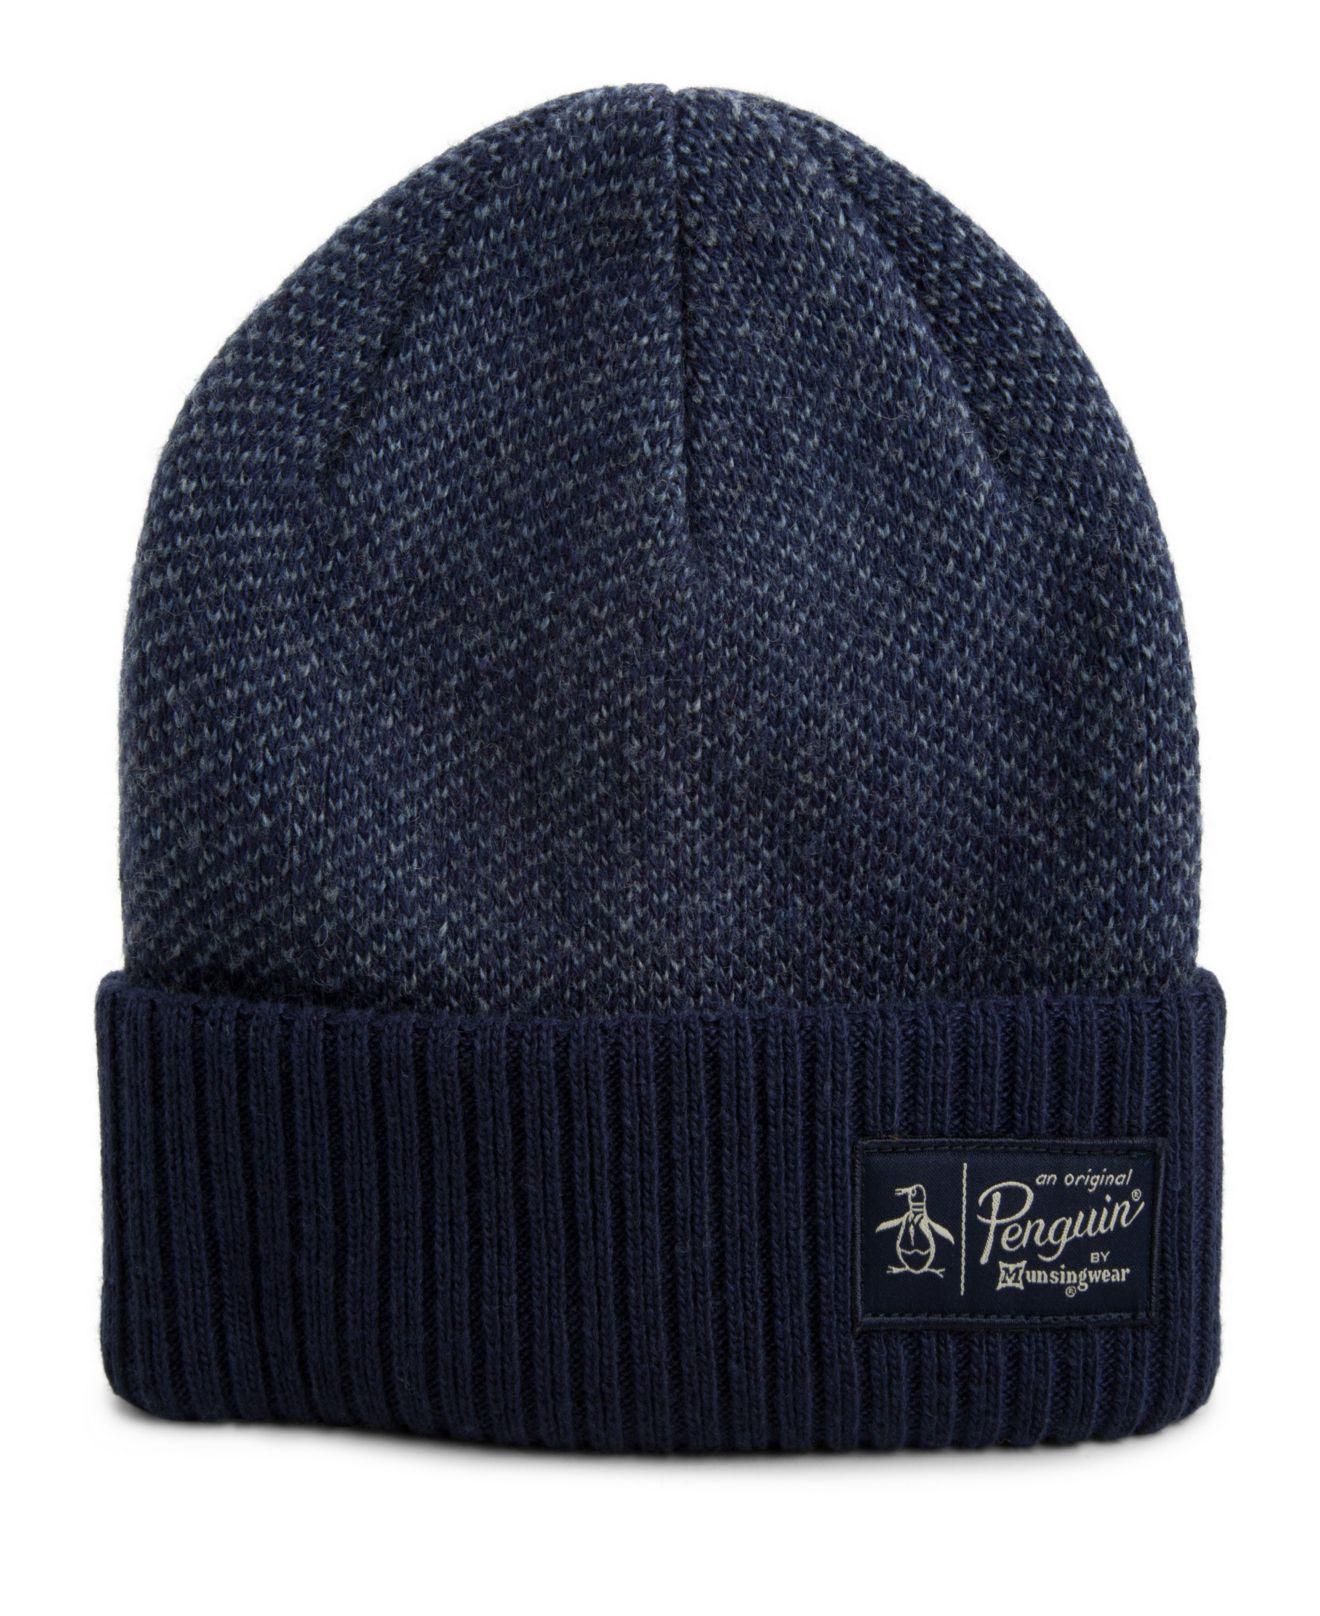 Lyst - Original Penguin Birdseye Knit Watchcap in Blue for Men 9f7465dac549